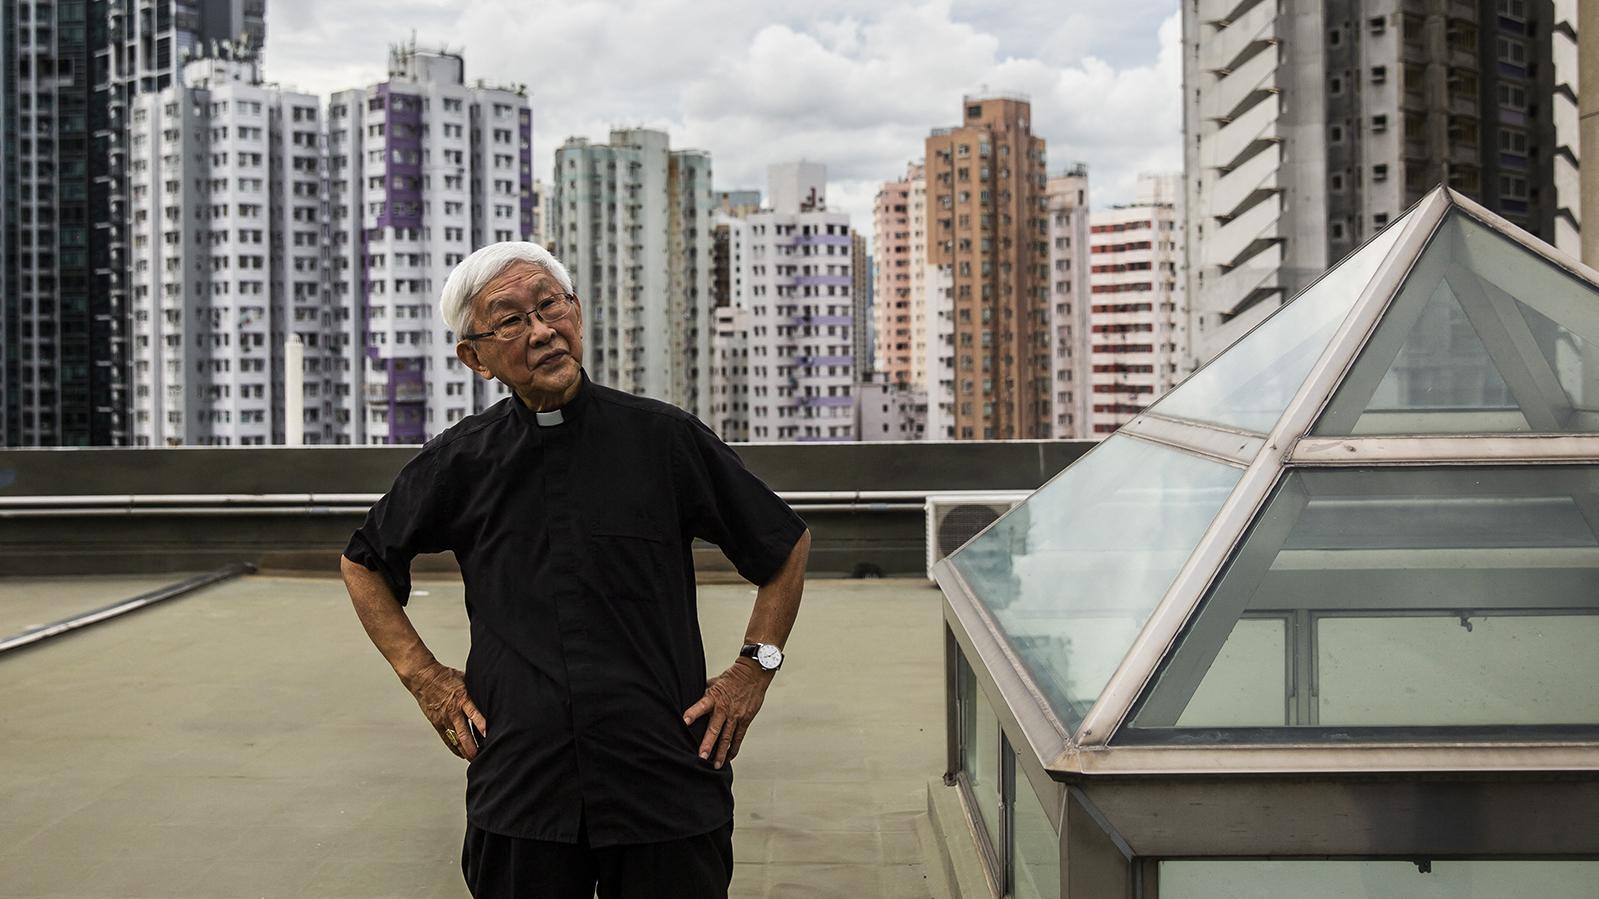 天主教香港教区荣休主教陈日君枢机。(法新社)